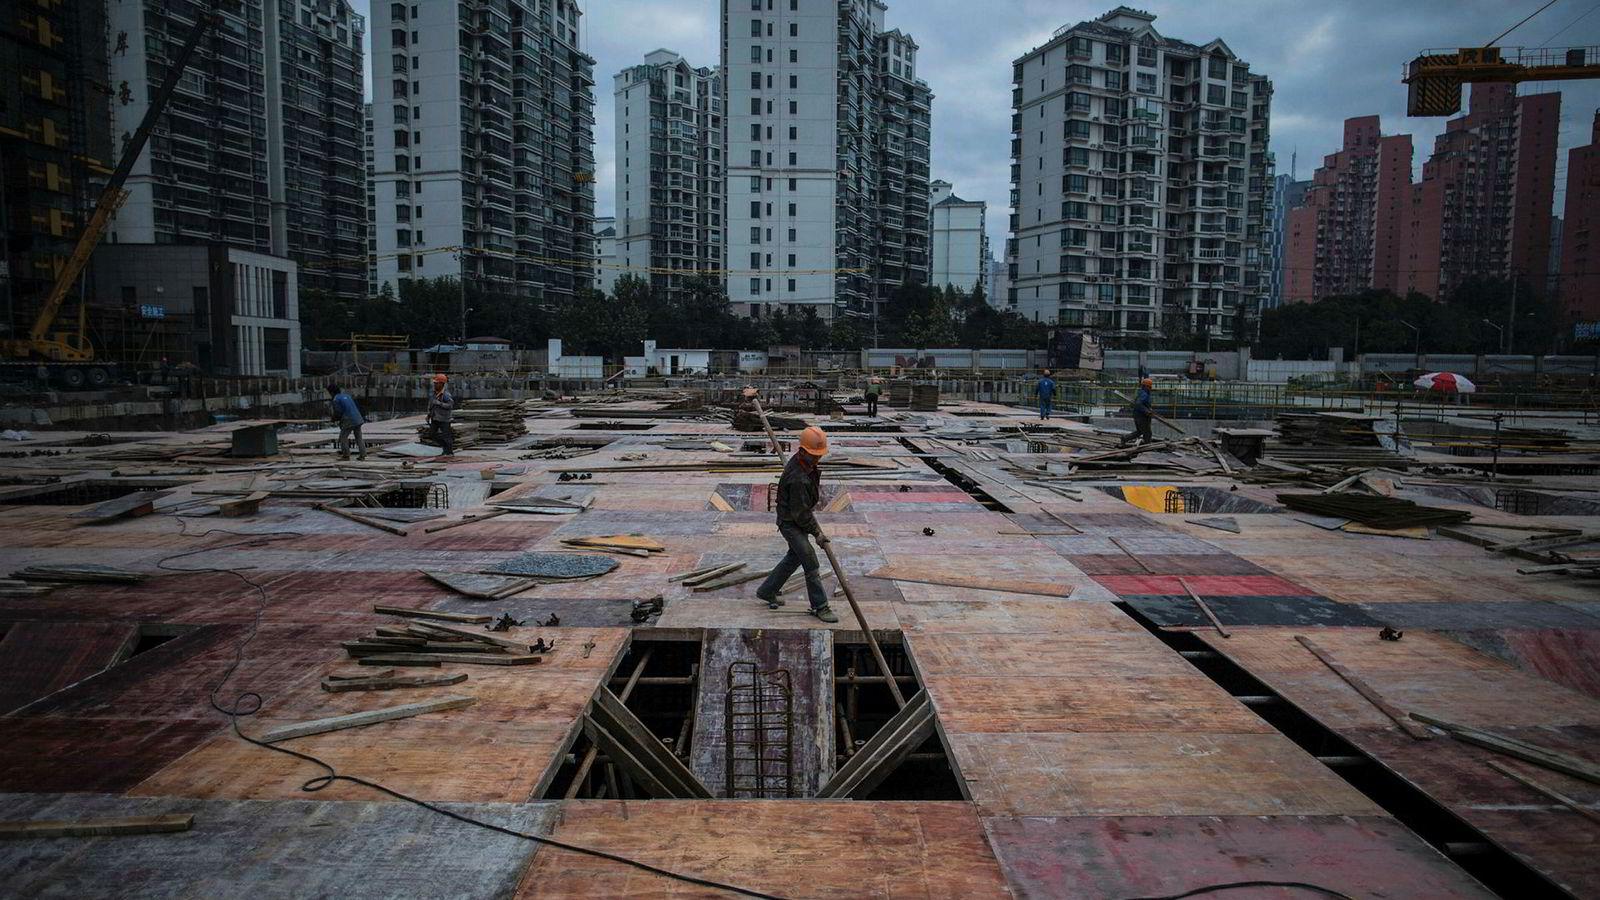 Kredittvurderingsbyrået Moody's er bekymret over den galopperende gjeldsveksten i Kina og har foretatt den første nedgraderingen siden 1989 på onsdag. Utsiktene blir sett på som stabile etter en svekkelse i den økonomiske veksten de siste ti årene.